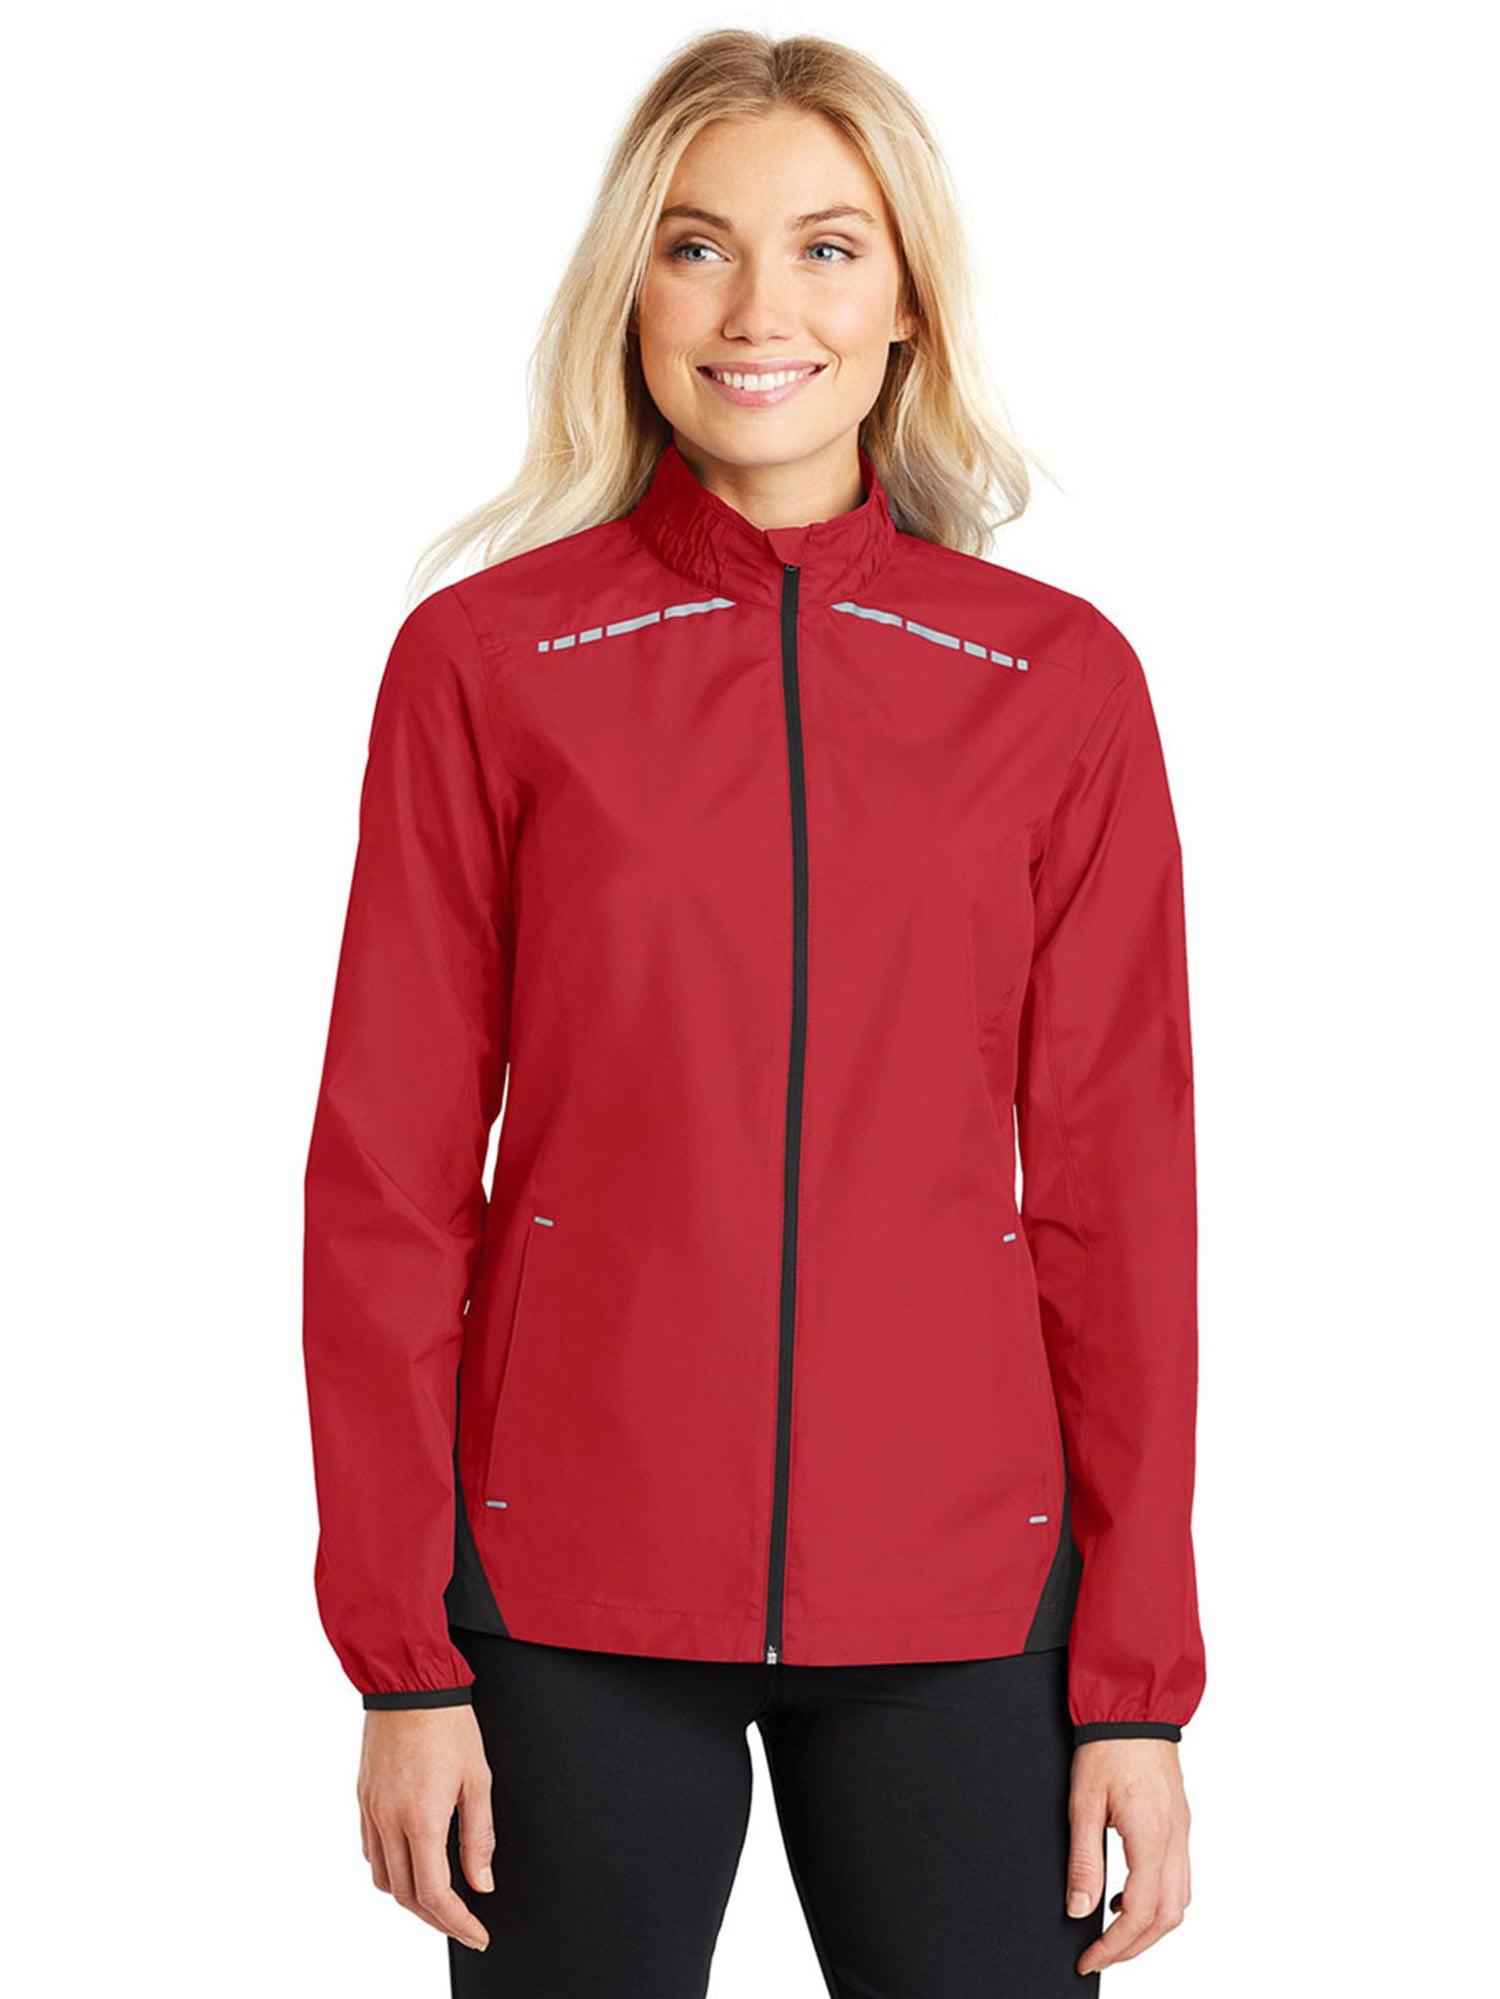 Port Authority Women's Zephyr Reflective Hit Full-Zip Jacket